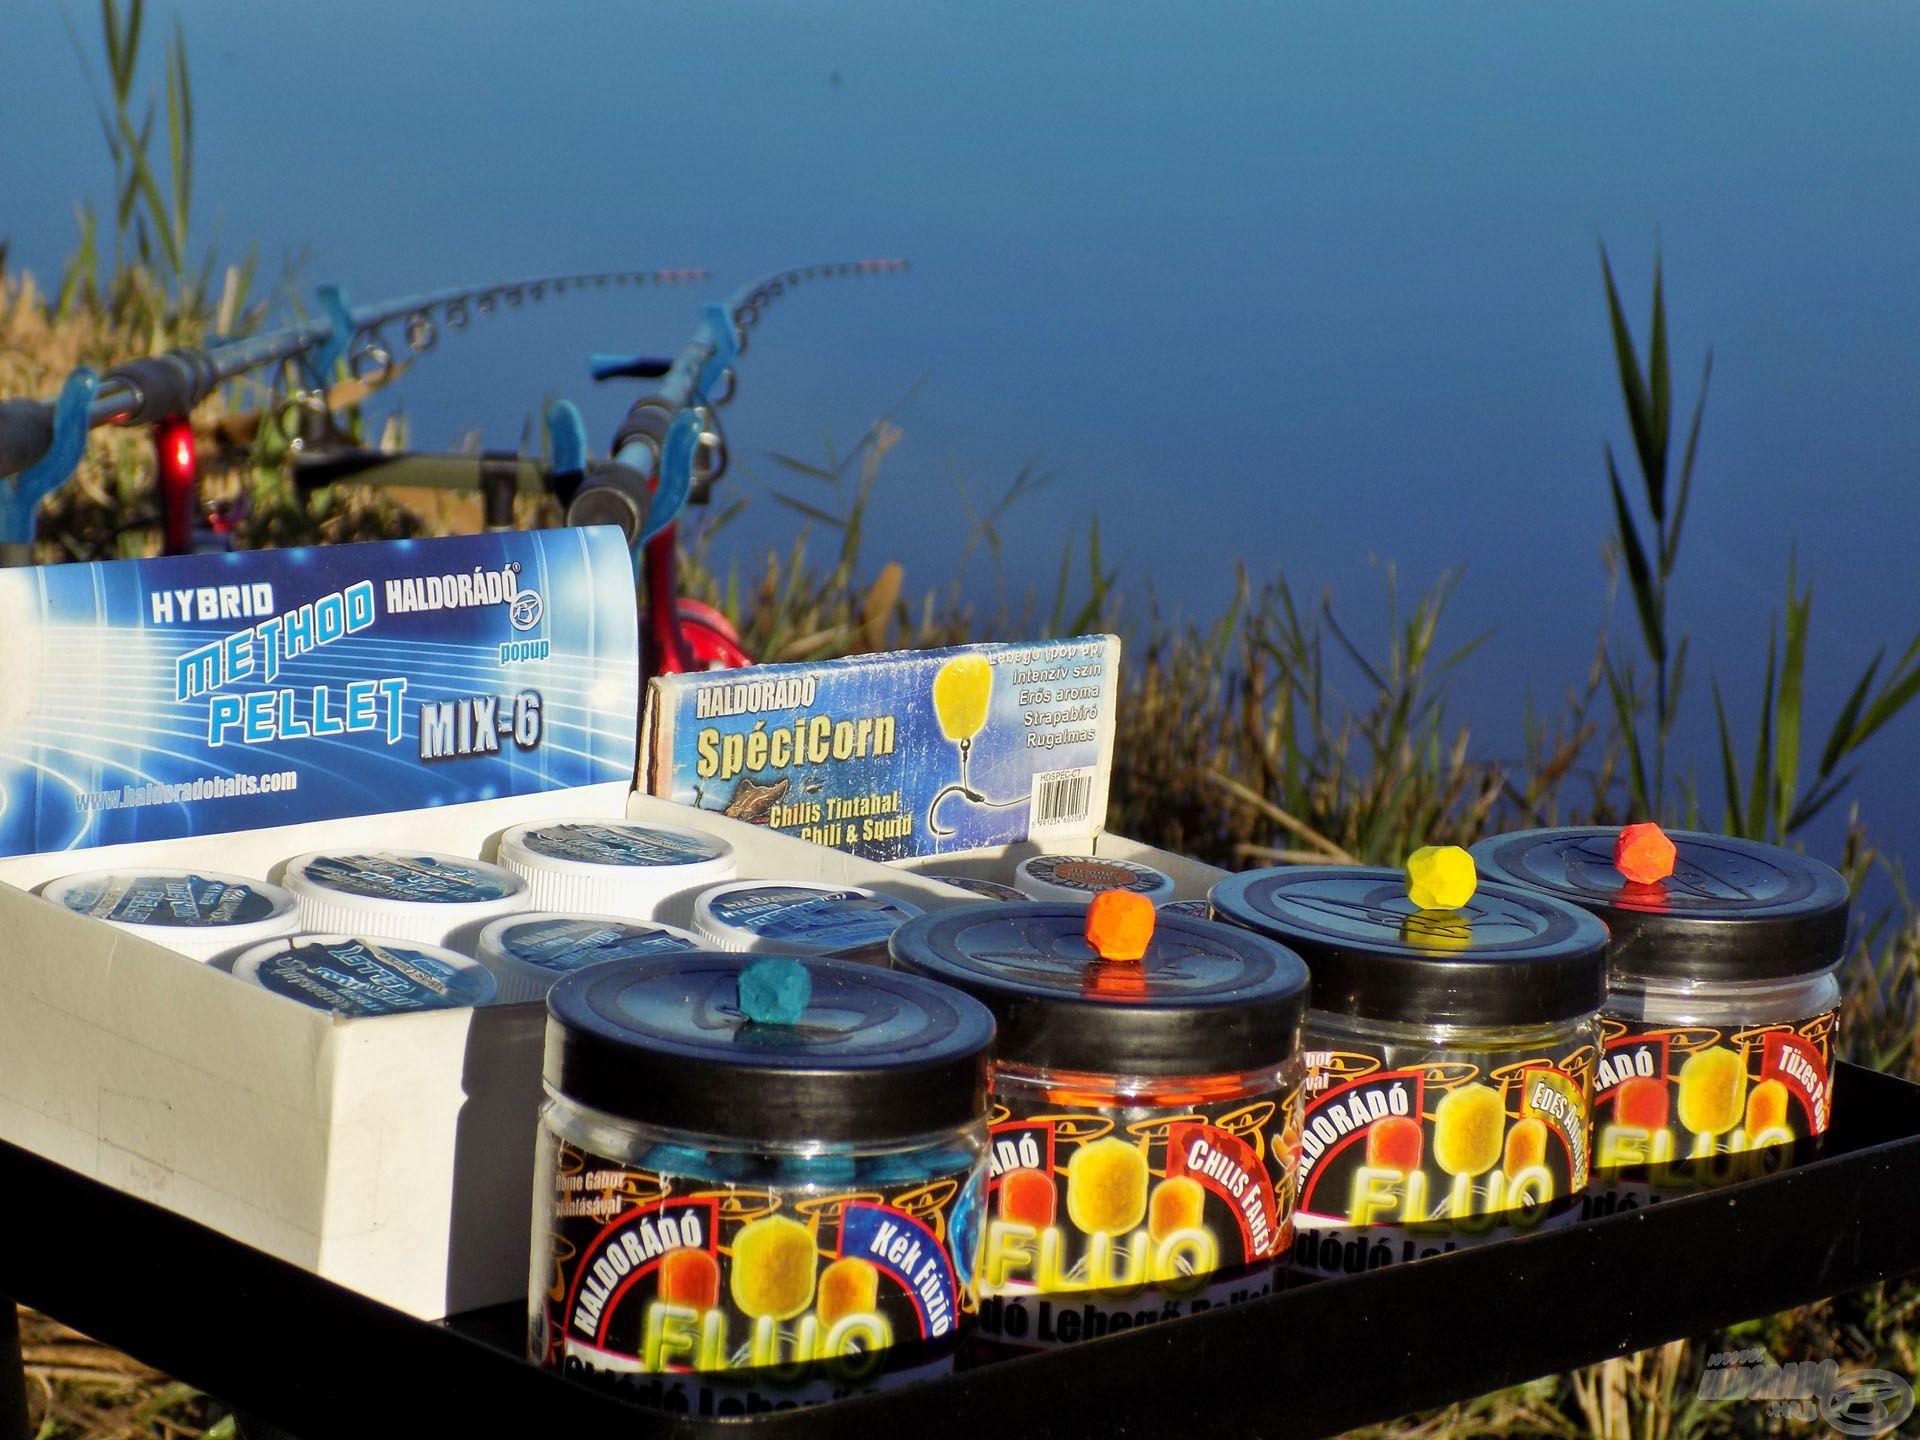 A Haldorádó csalipalettája számtalan lehetőséget biztosít a horgászok számára. Én a legtöbb esetben megfaragva használom ezeket a pelleteket, így még gyorsabban, még attraktívabban dolgoznak